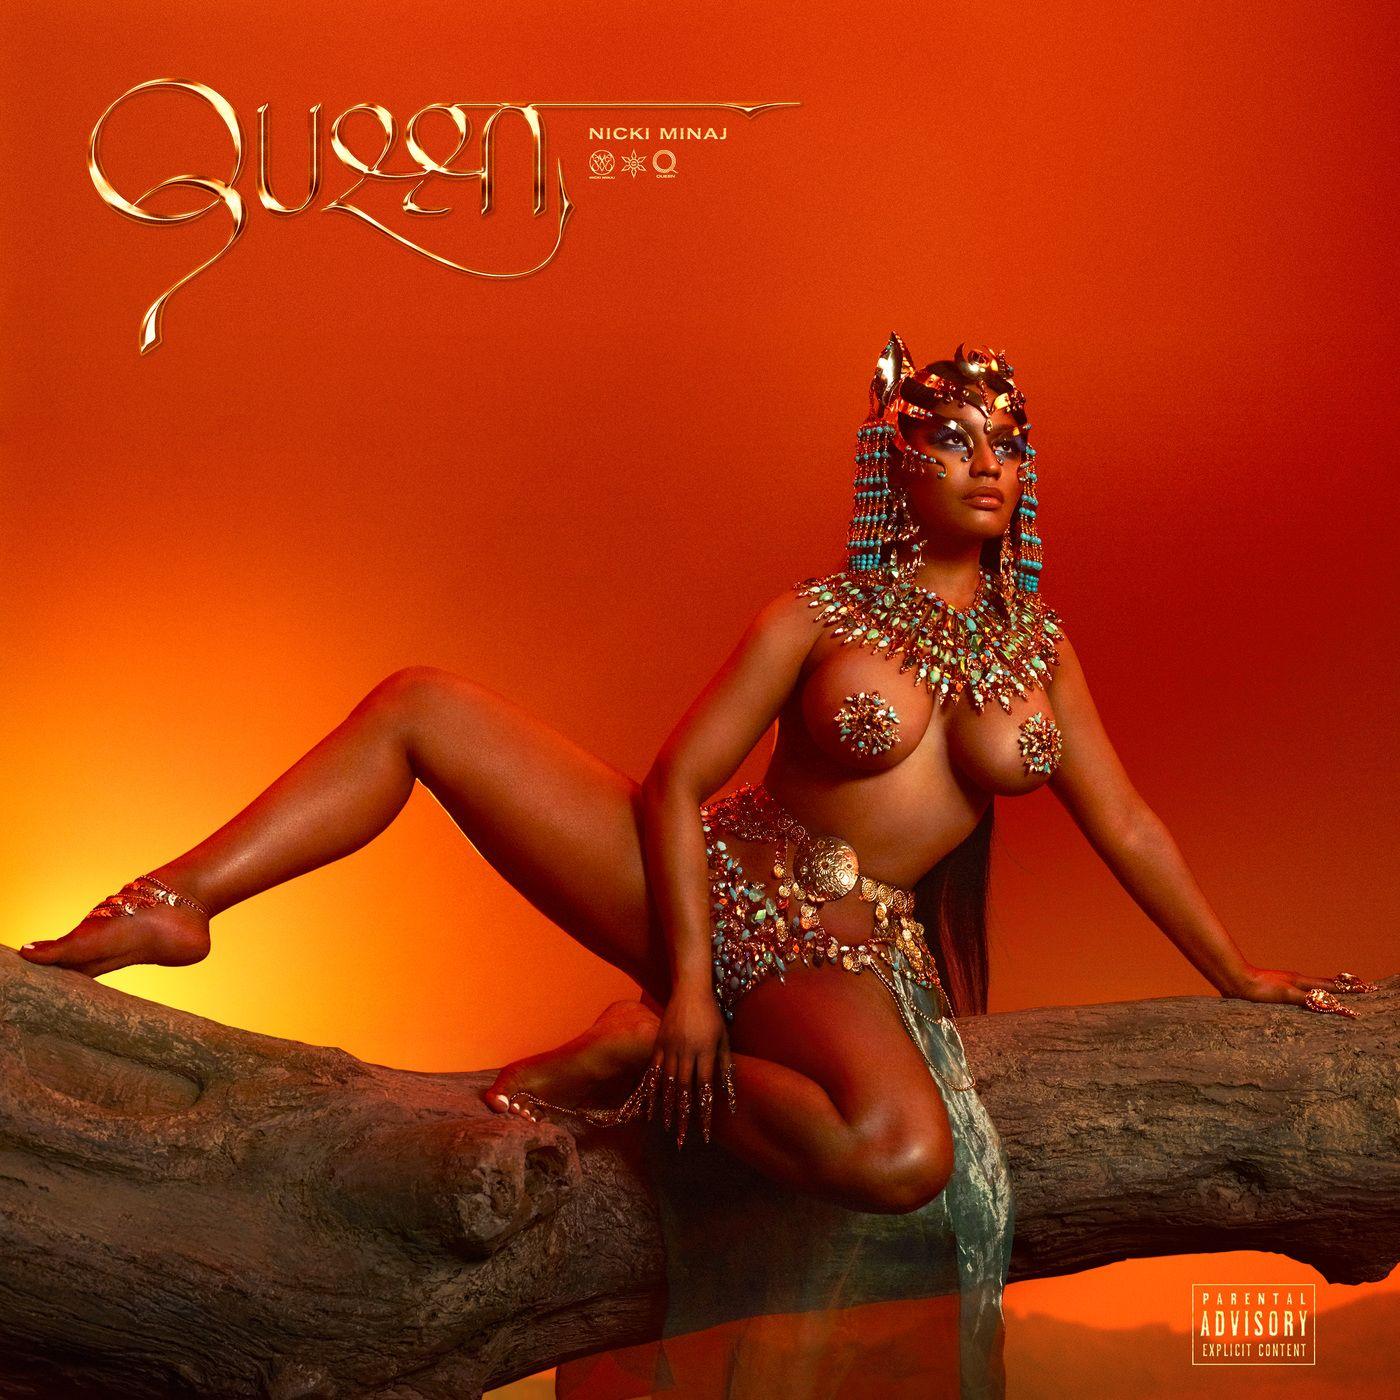 Nicki Minaj - Queen album cover